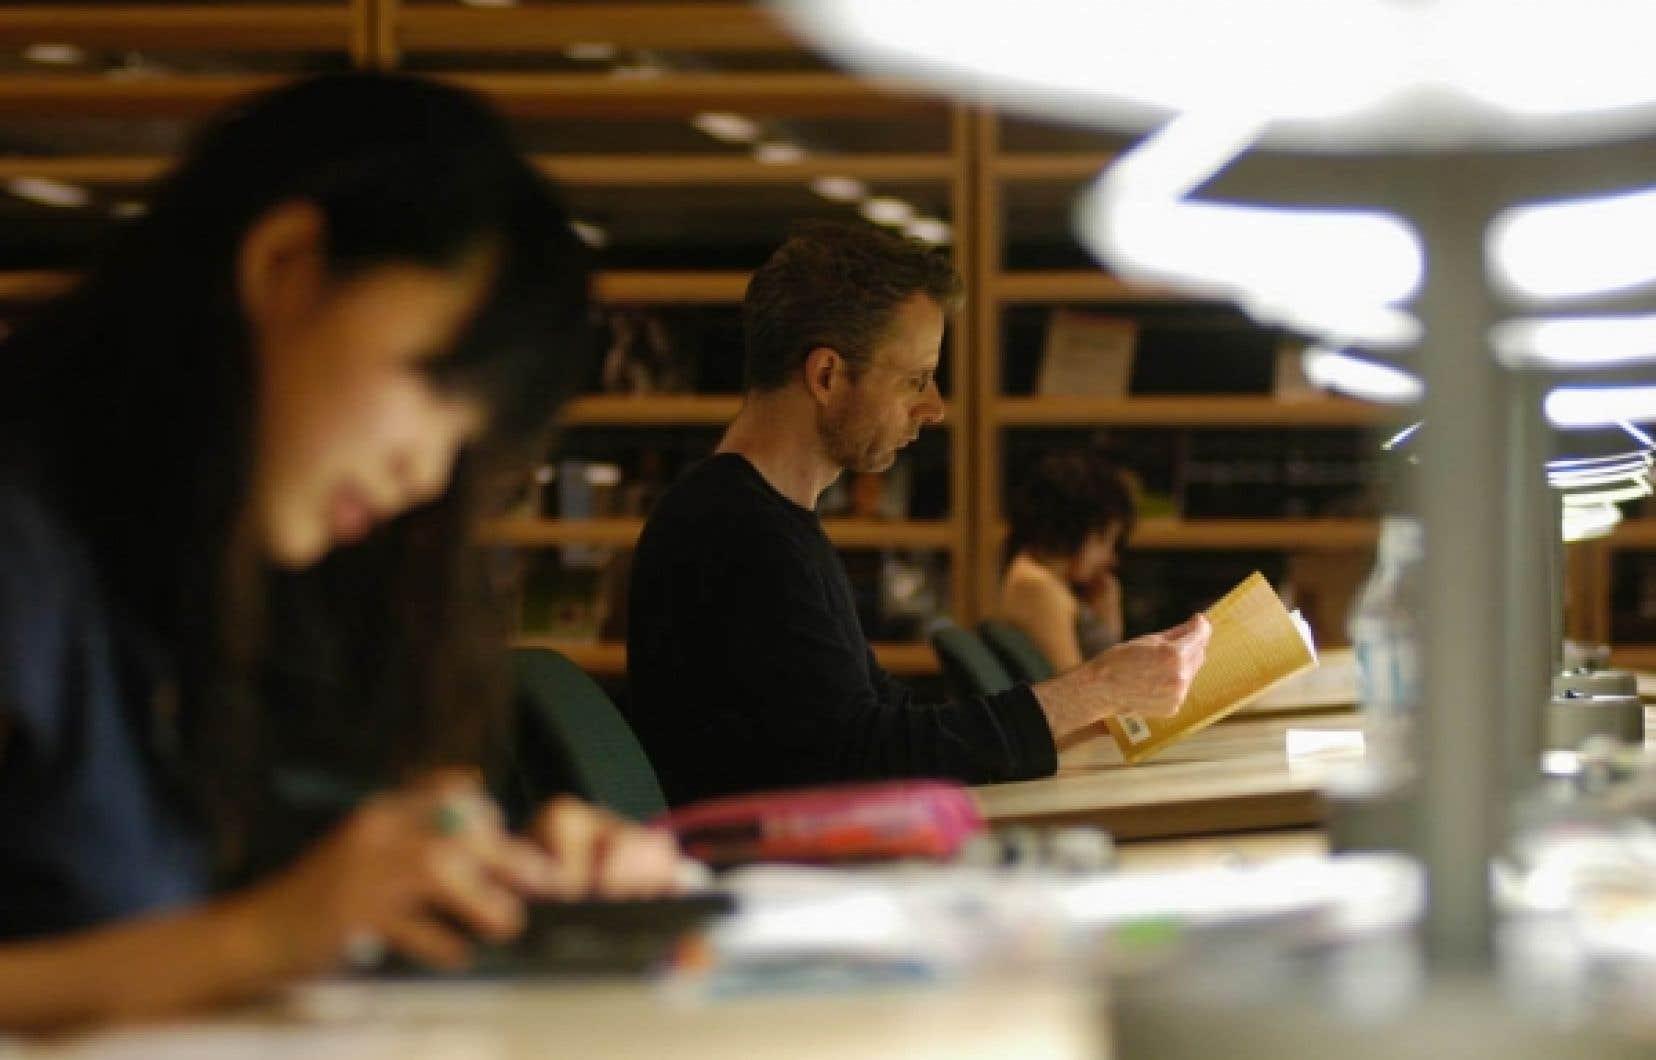 Les programmes d'études supérieures spécialisées s'assurent que les étudiants qui y sont inscrits sont des adultes sur le marché du travail.